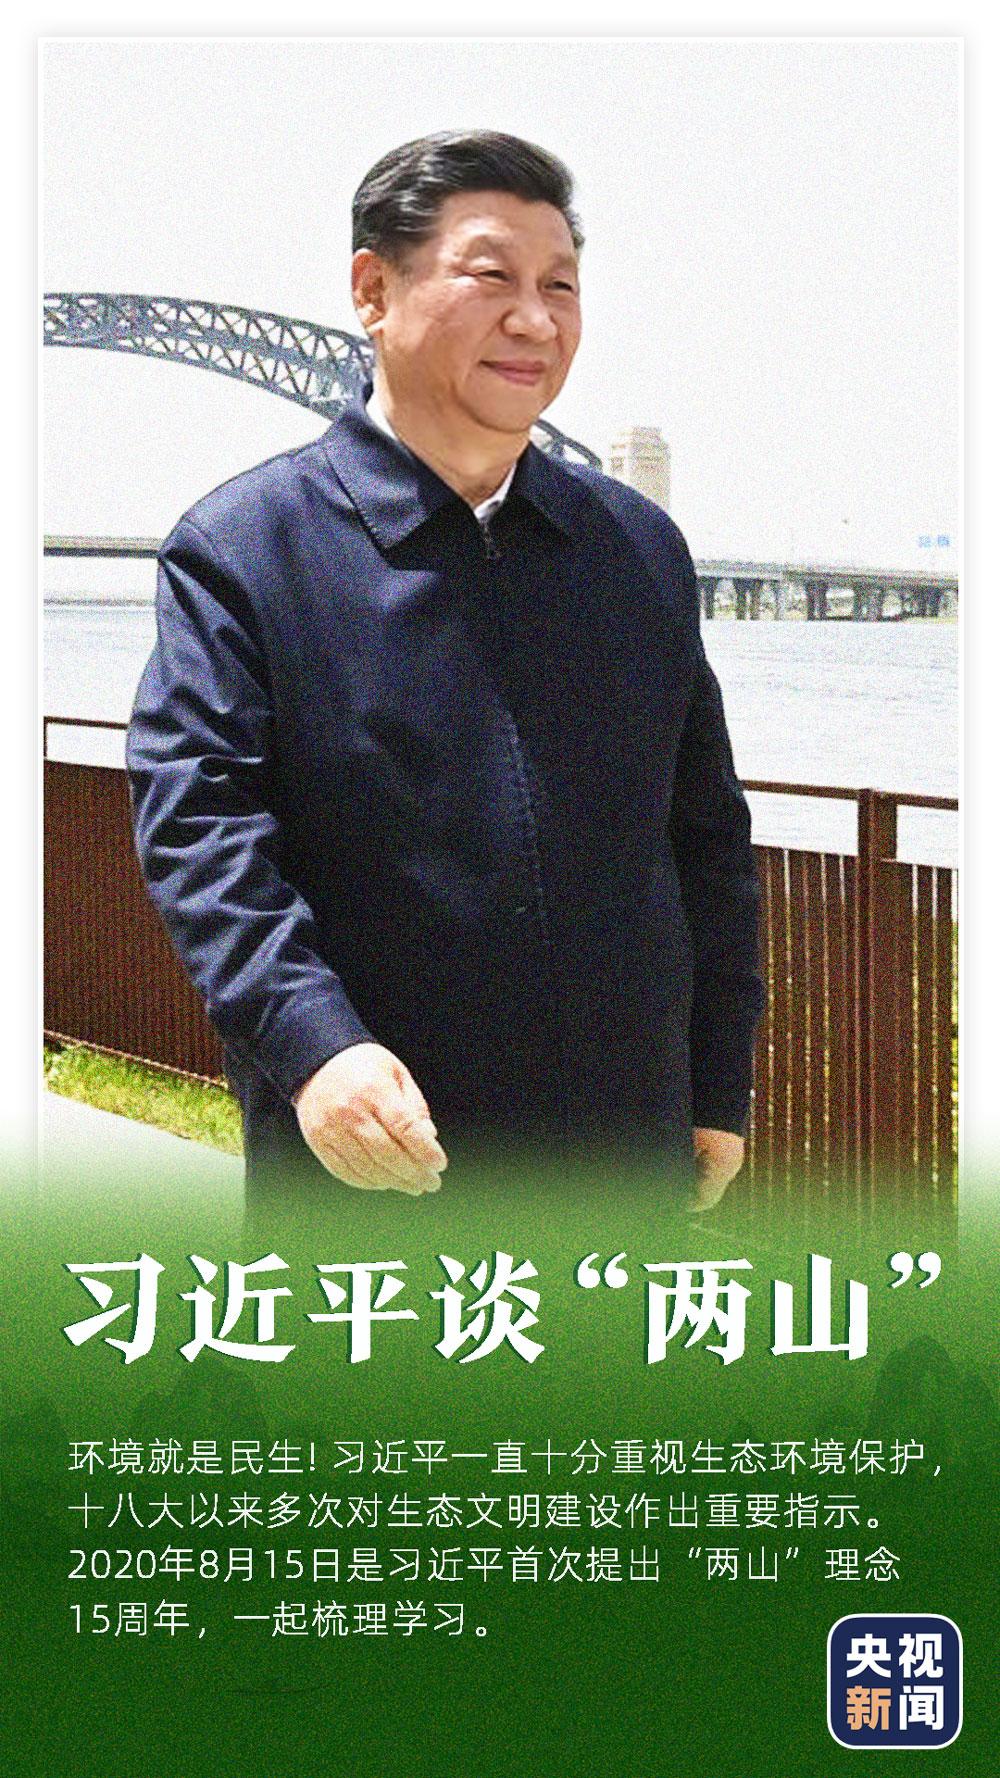 习近平:保护生态就是发展生产力!